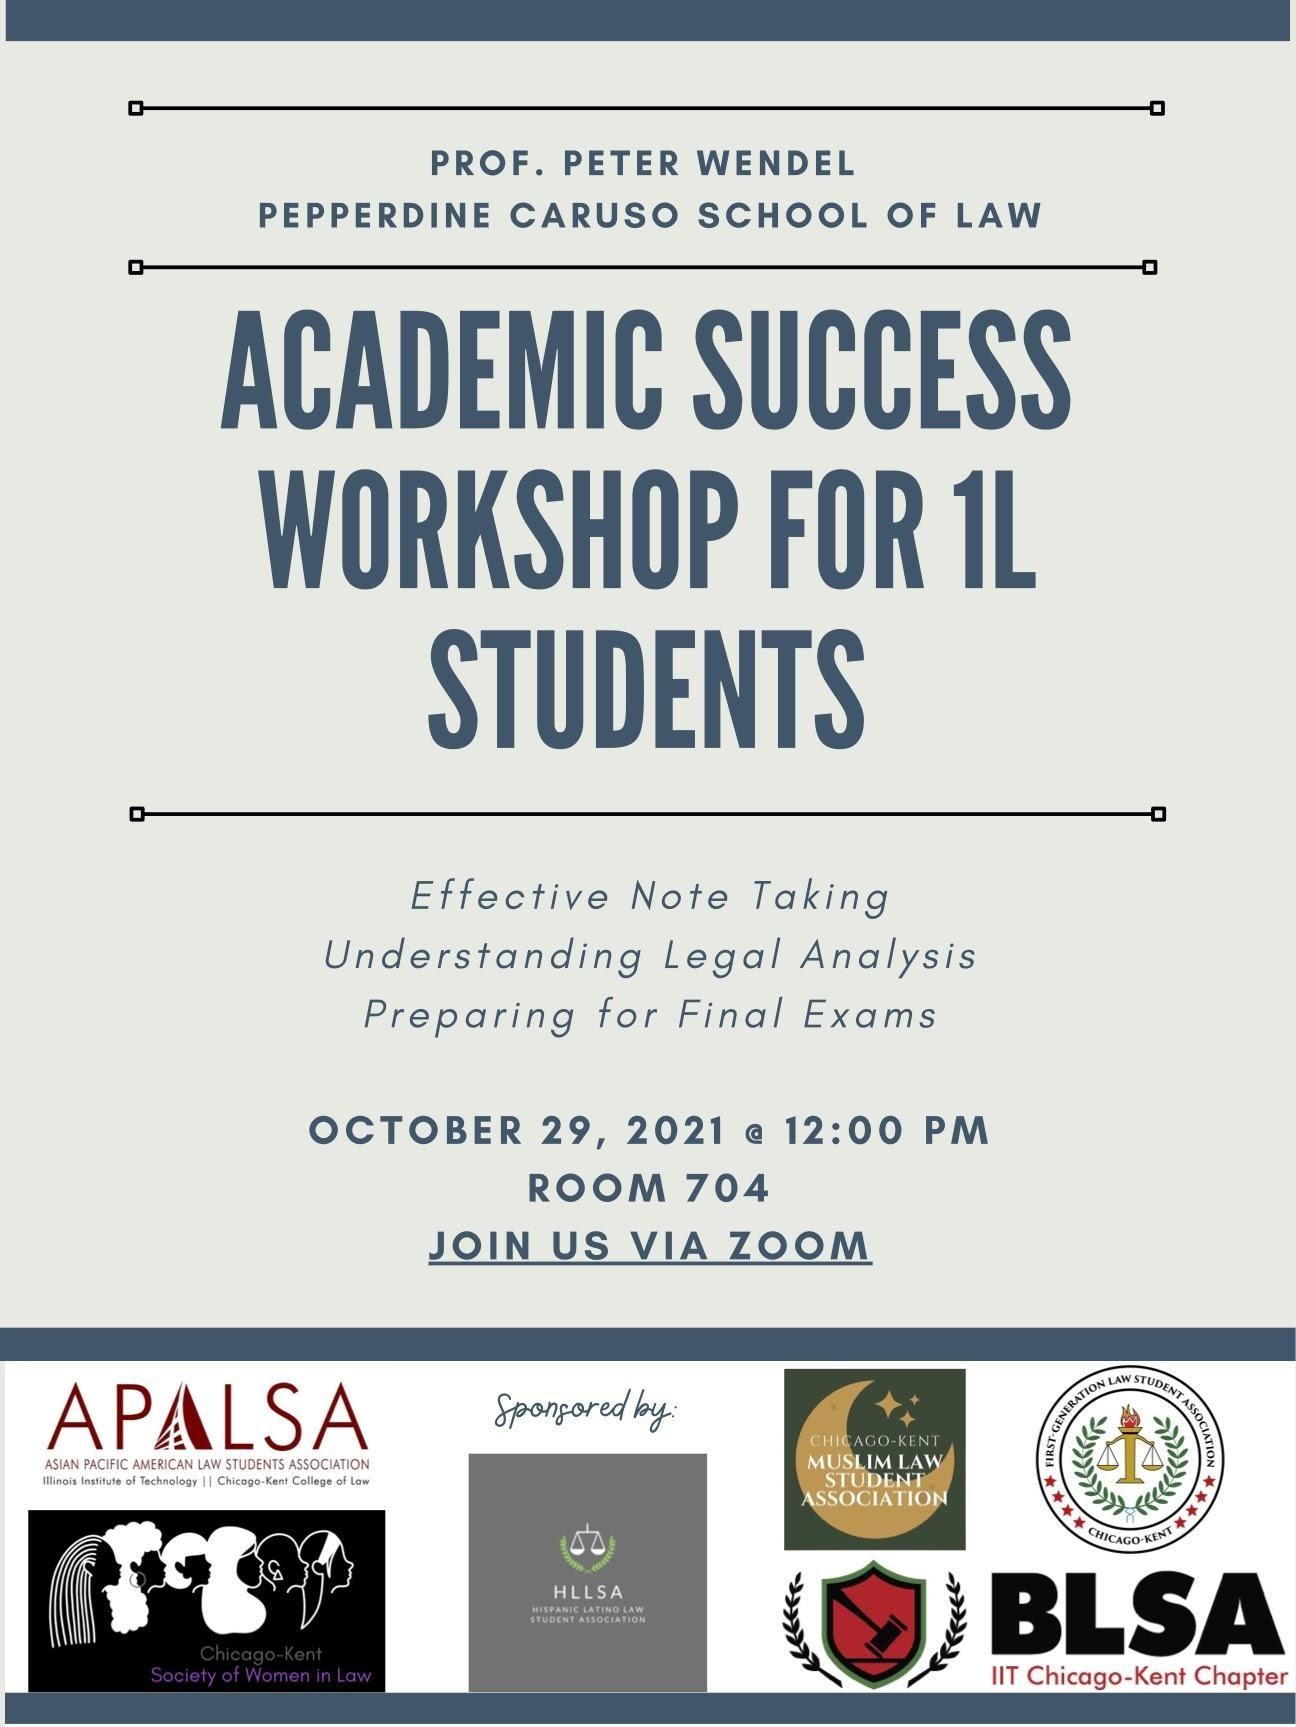 Flyer for 1L Success Workshop on Friday, 10/29/21